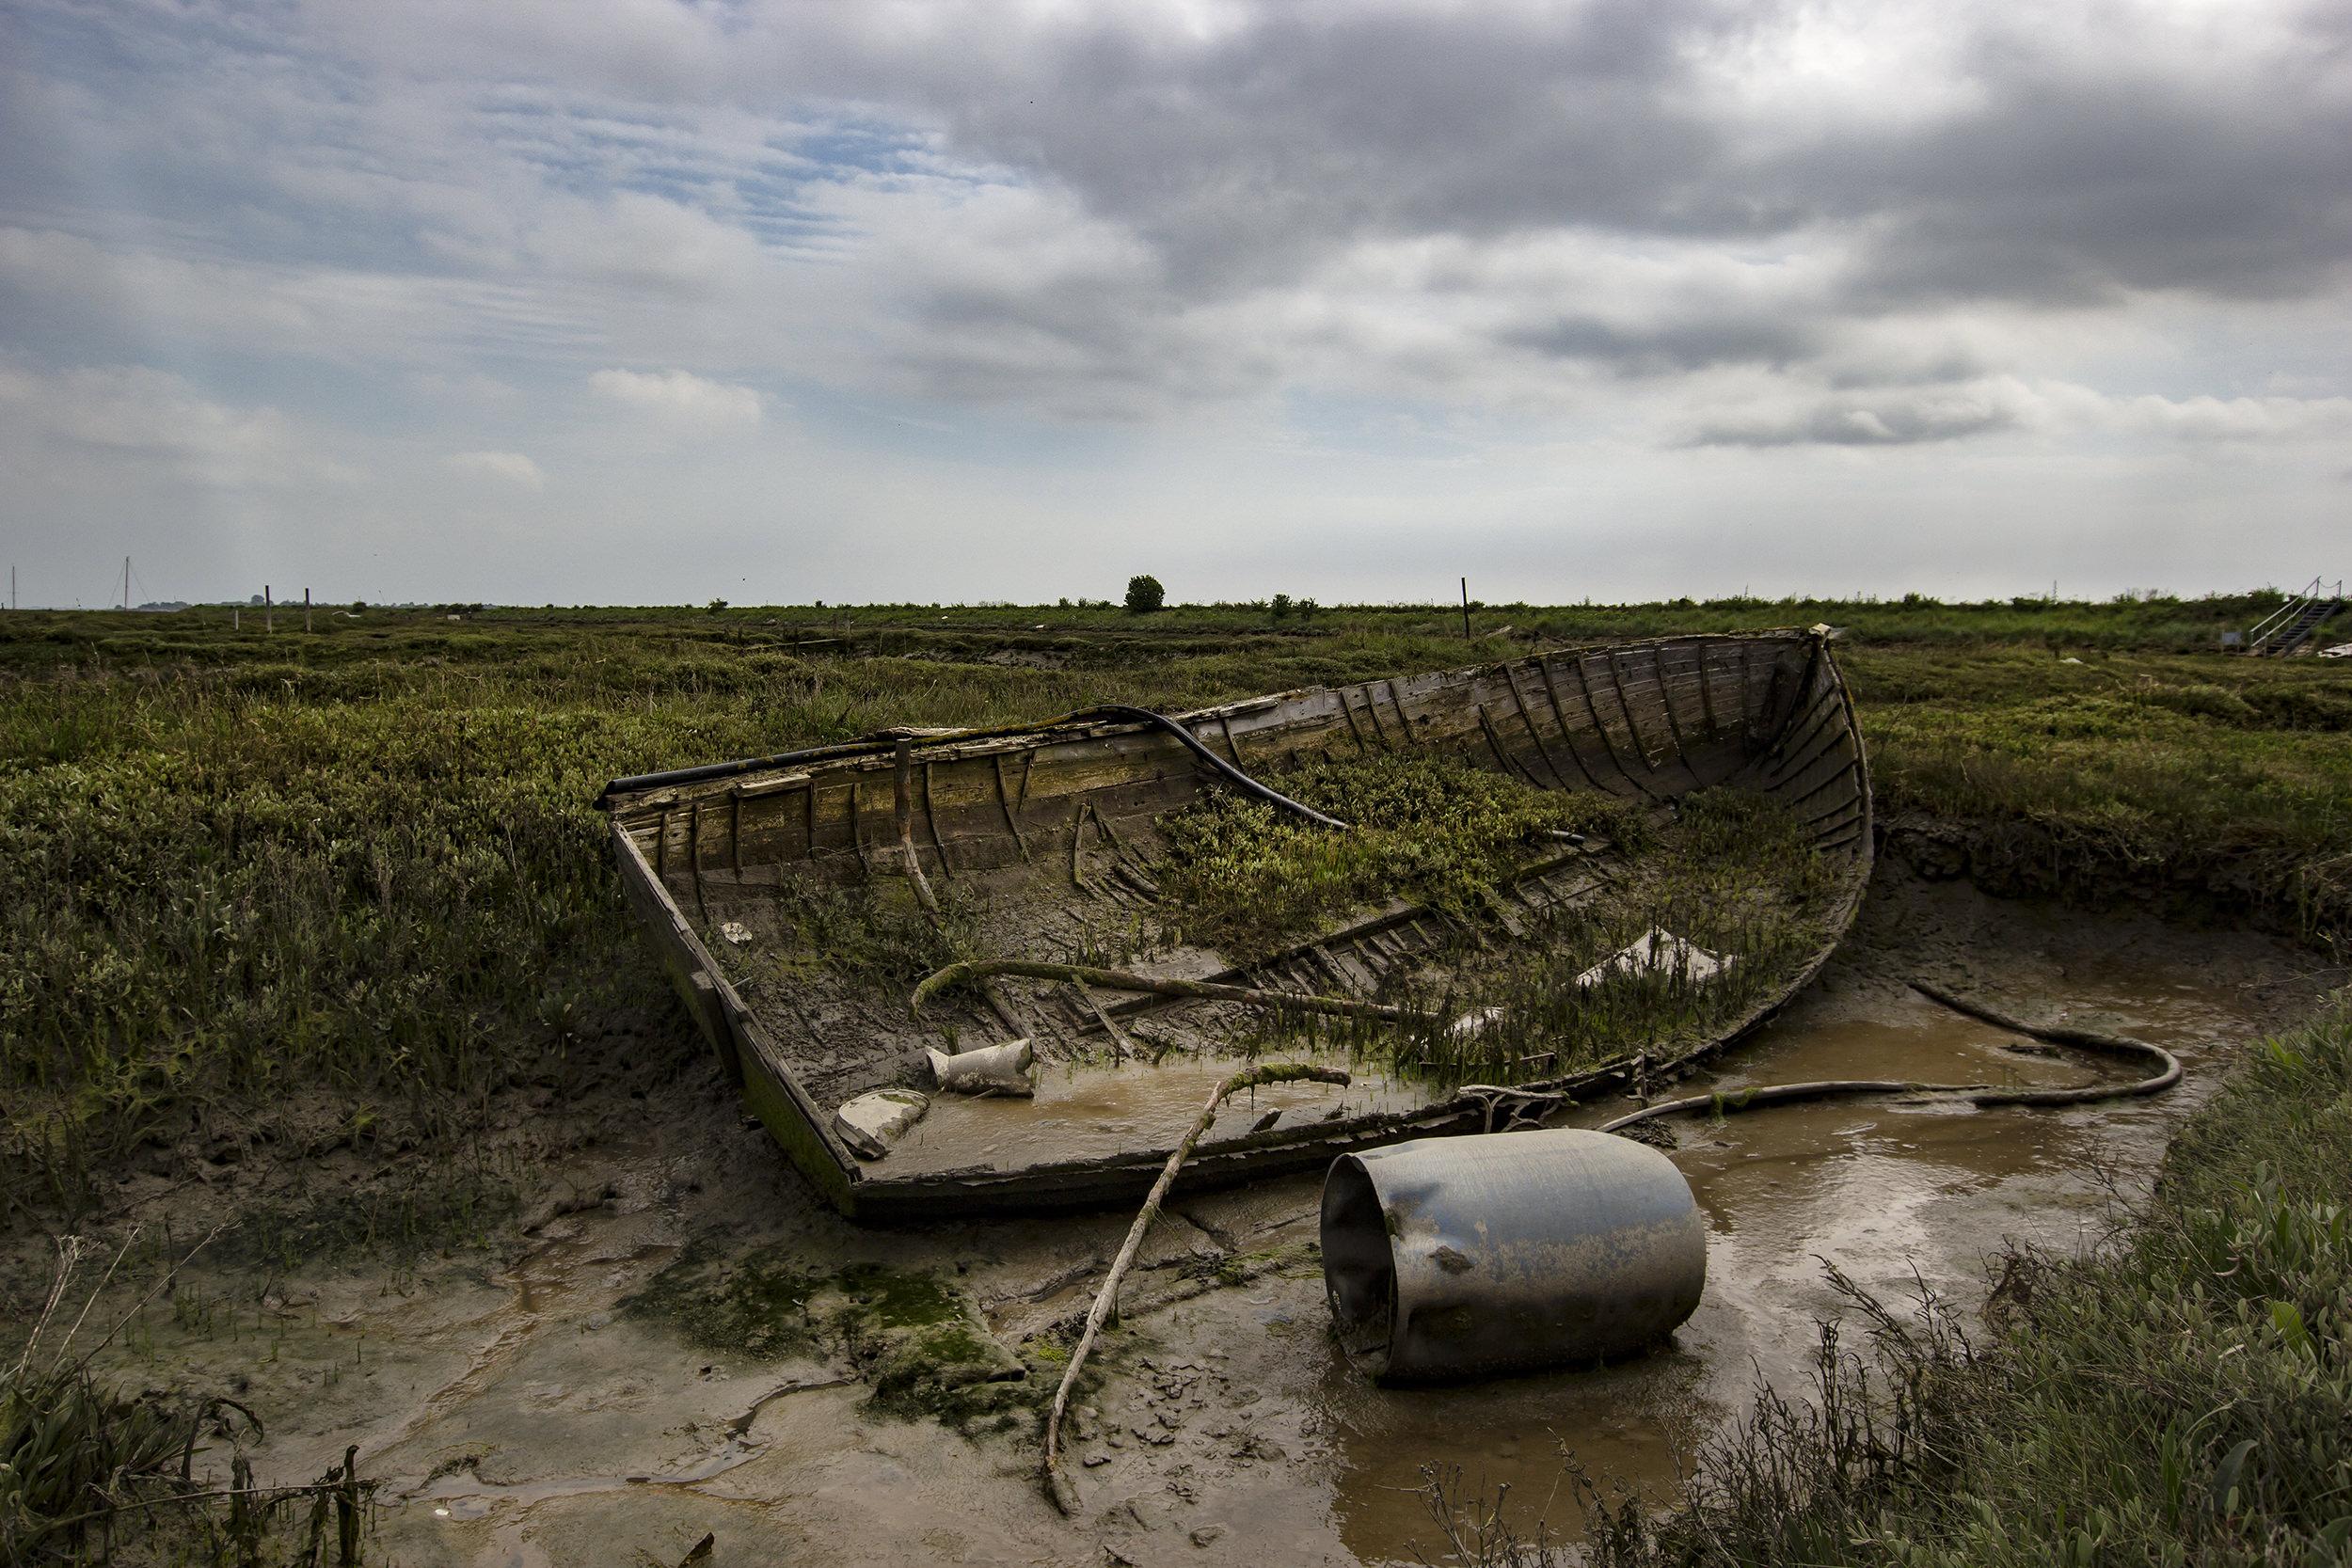 Tollesbury wrecks - 01